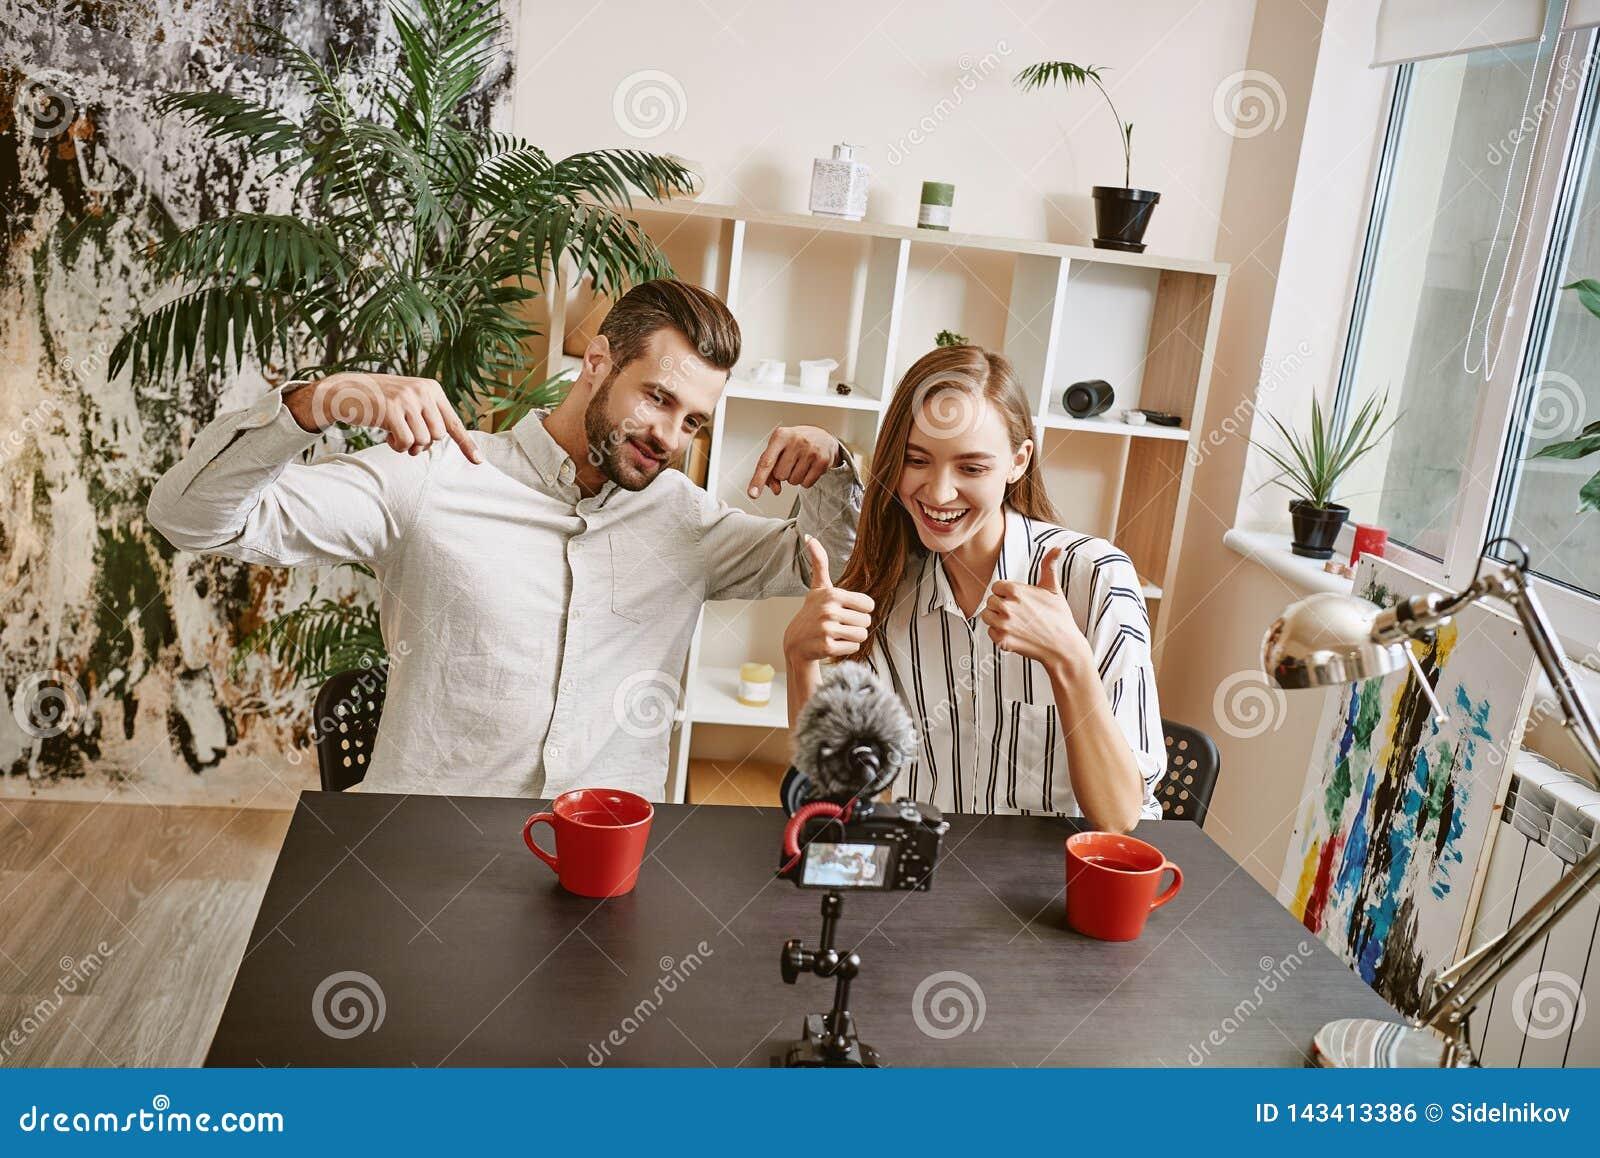 Het samenwerken Positieve mannelijke en vrouwelijke bloggers maken nieuwe videoinhoud voor hun populaire blog